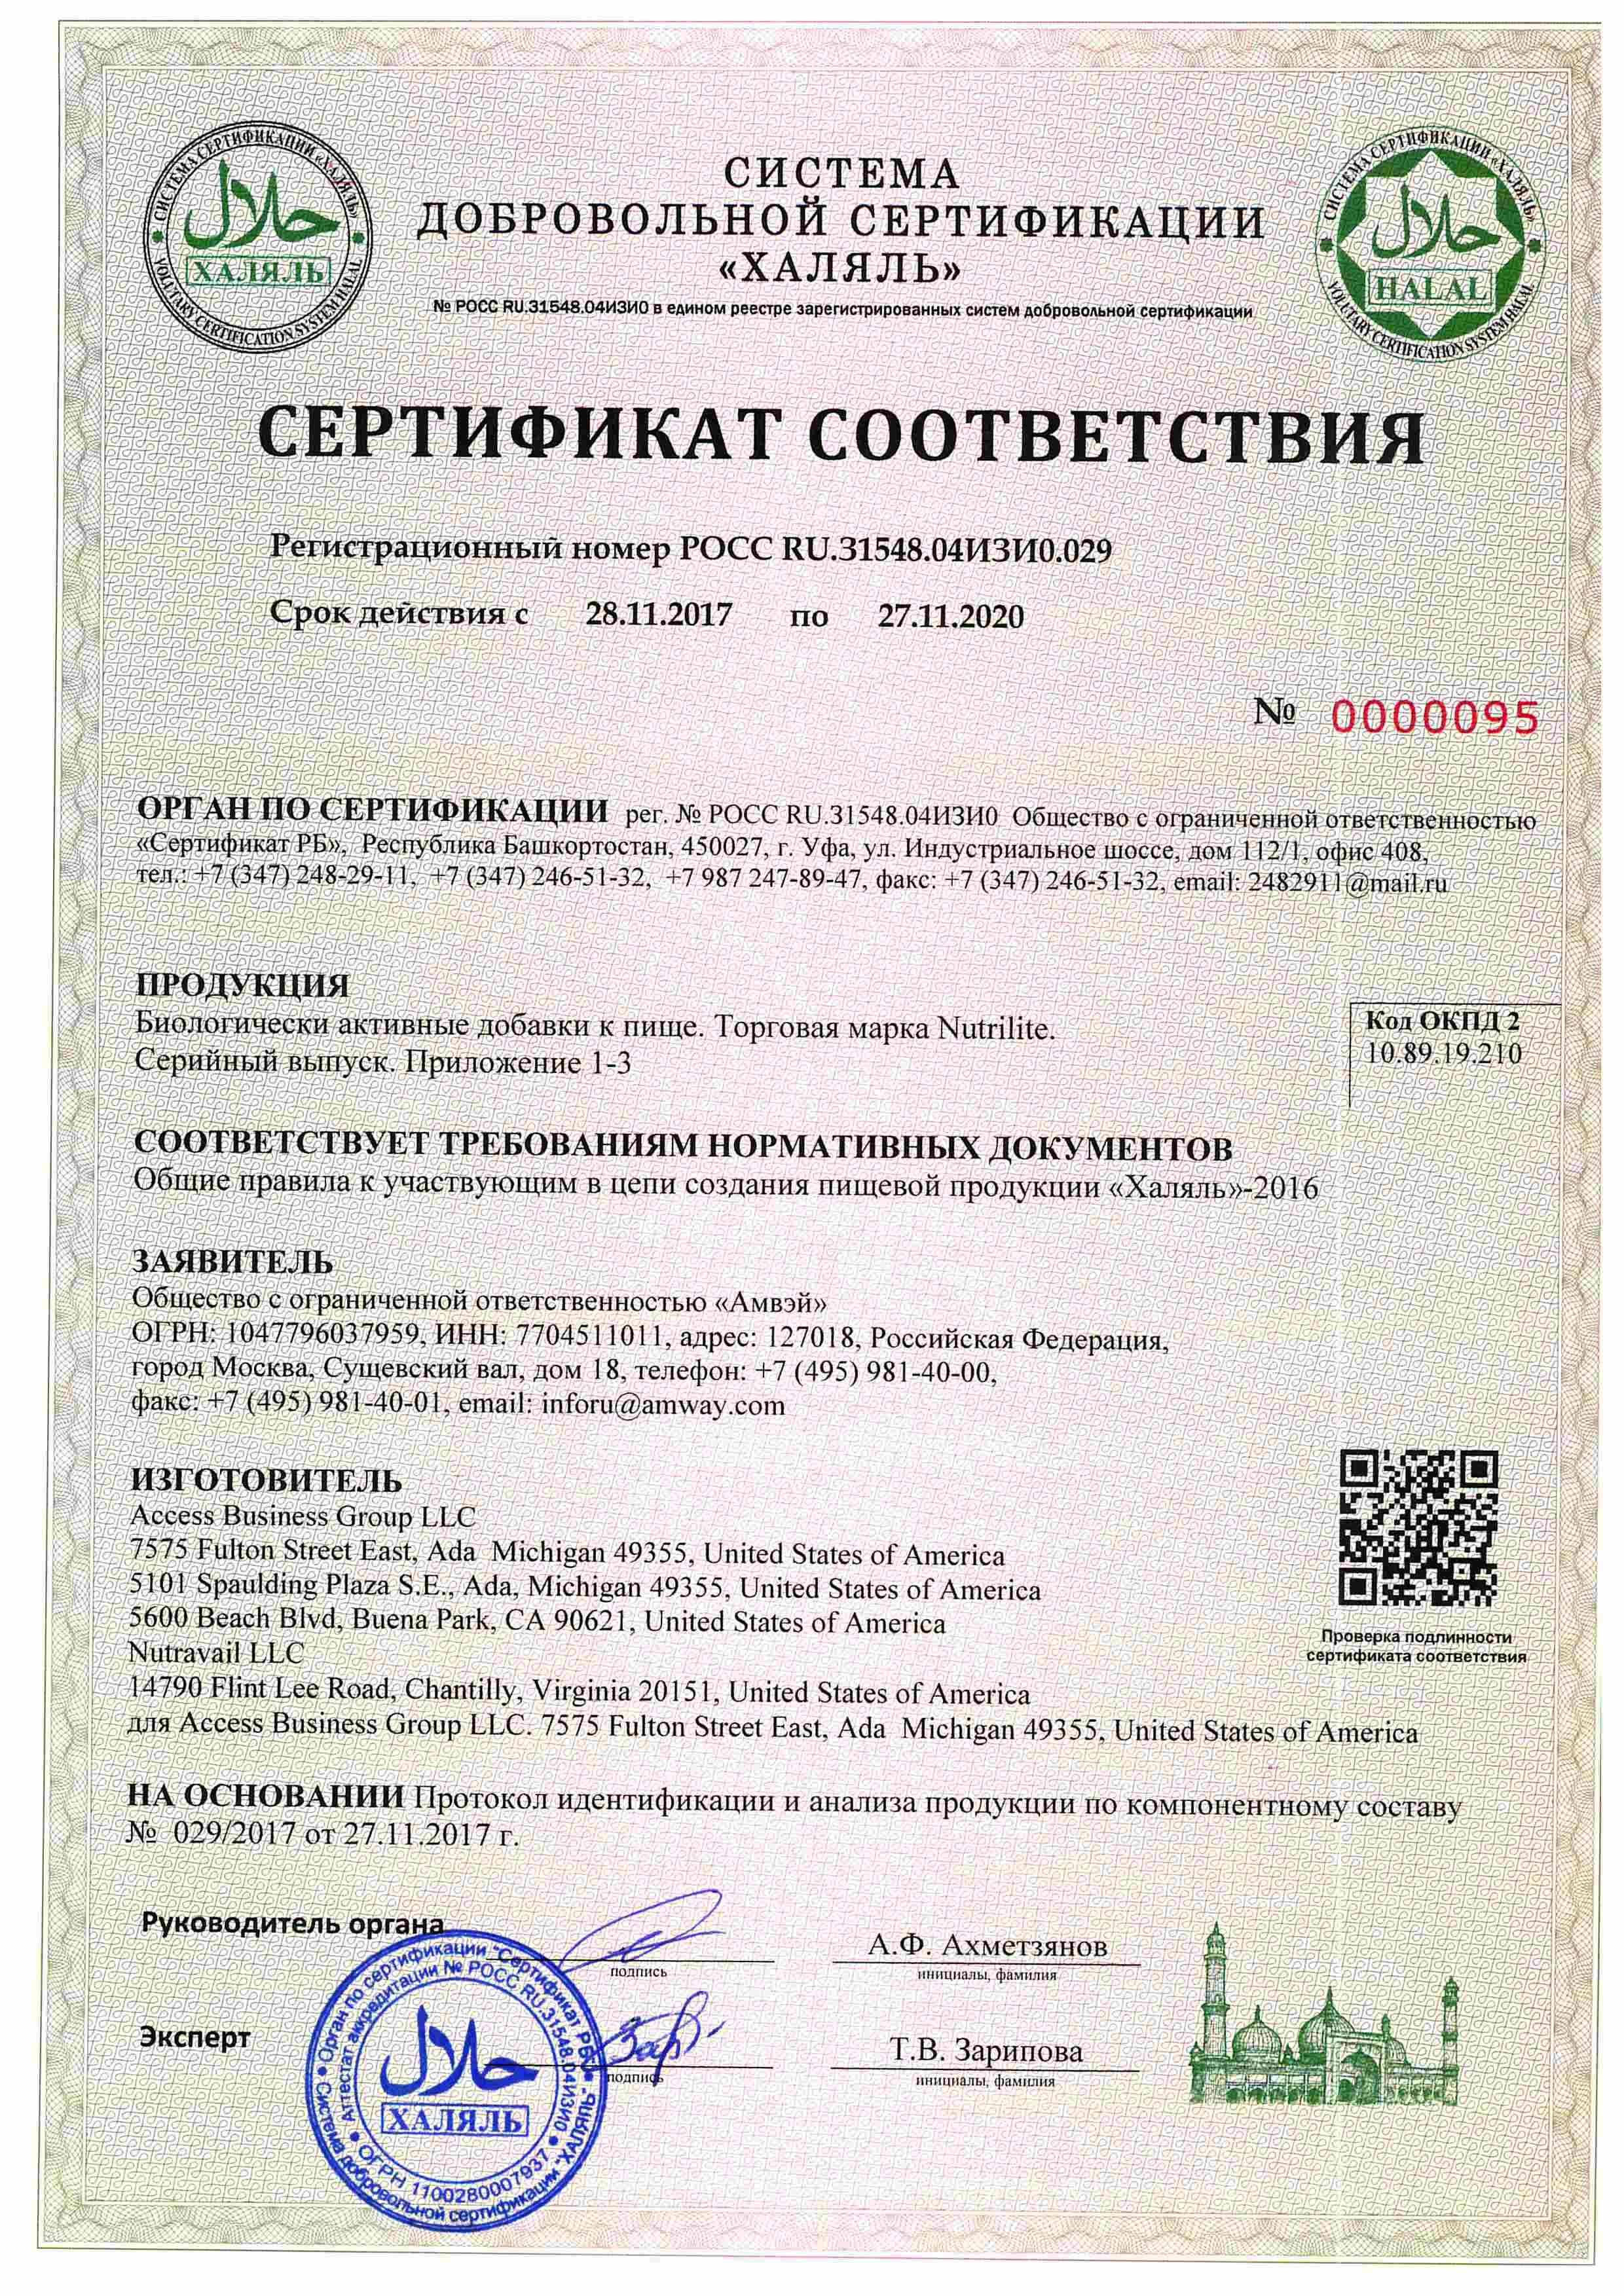 Техносервис сертификация структура стандарта исо 9001 2008